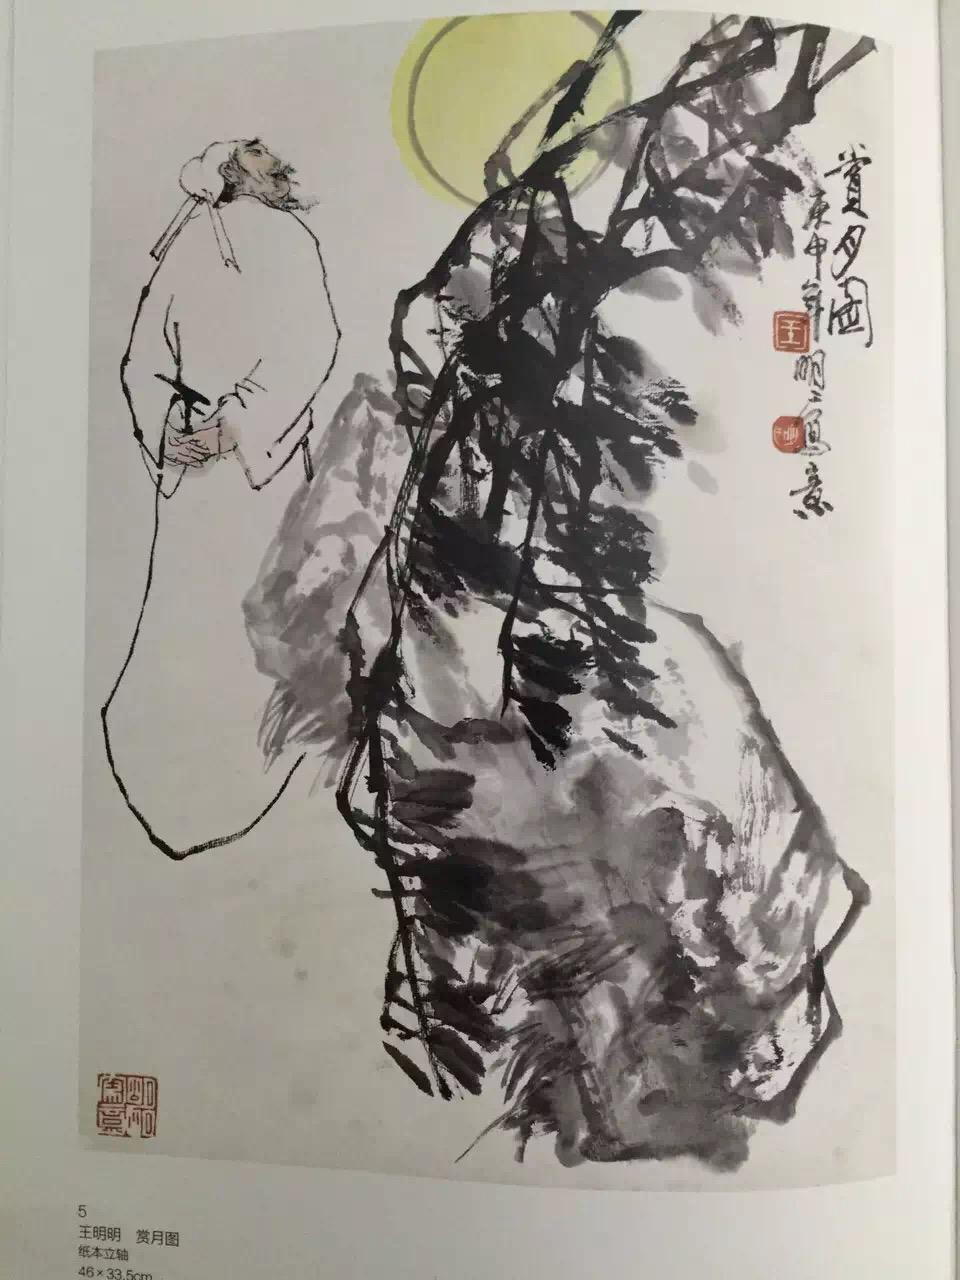 此次参加画展的为现当代名人书画家.图片